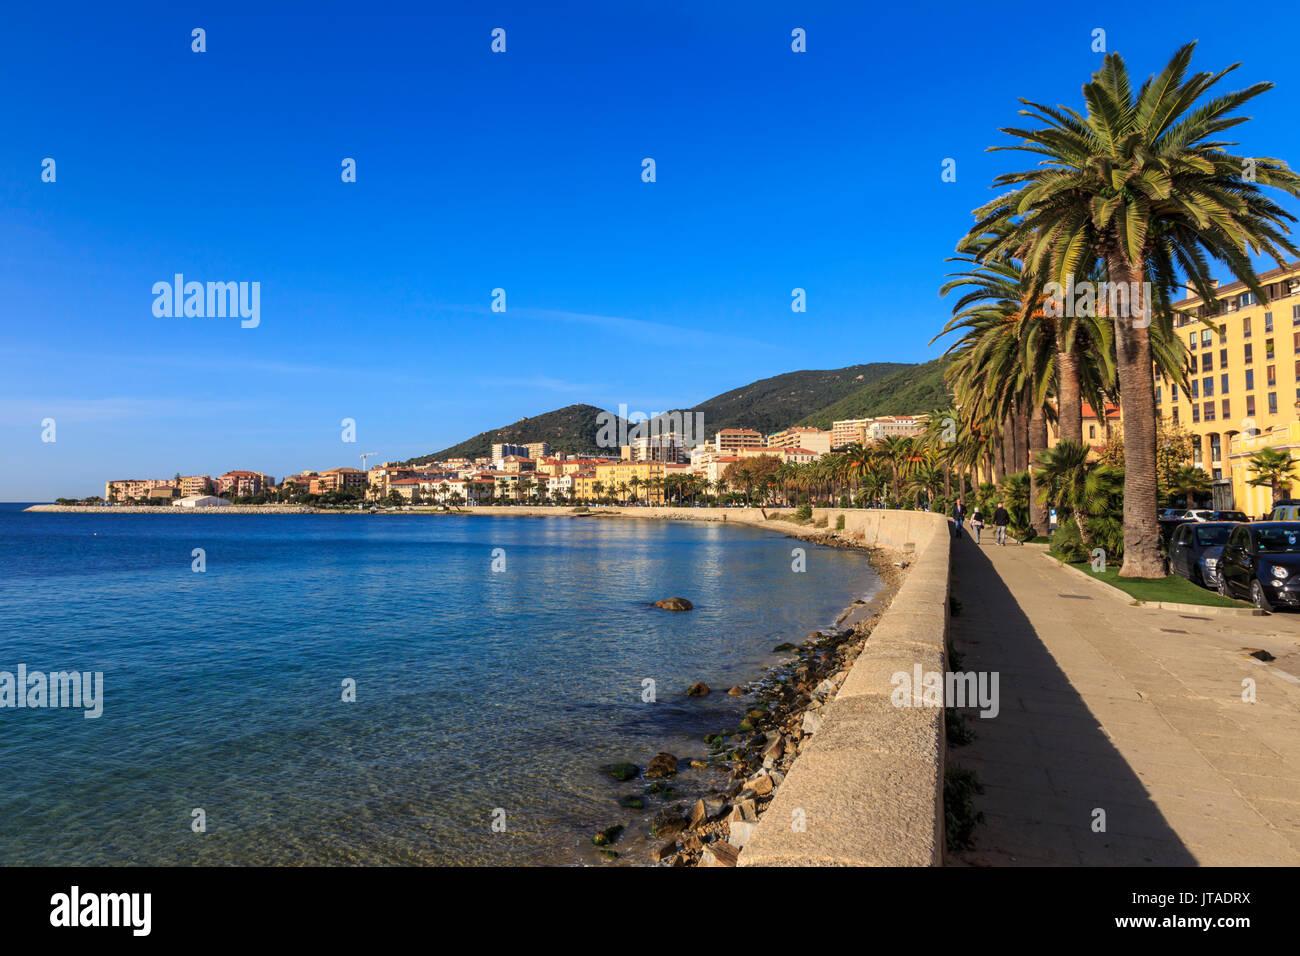 Saint Francois paseo marítimo con palmeras, la luz de la mañana, Ajaccio, Isla de Córcega, el Mediterráneo, Francia, Mediterráneo, Europa Foto de stock